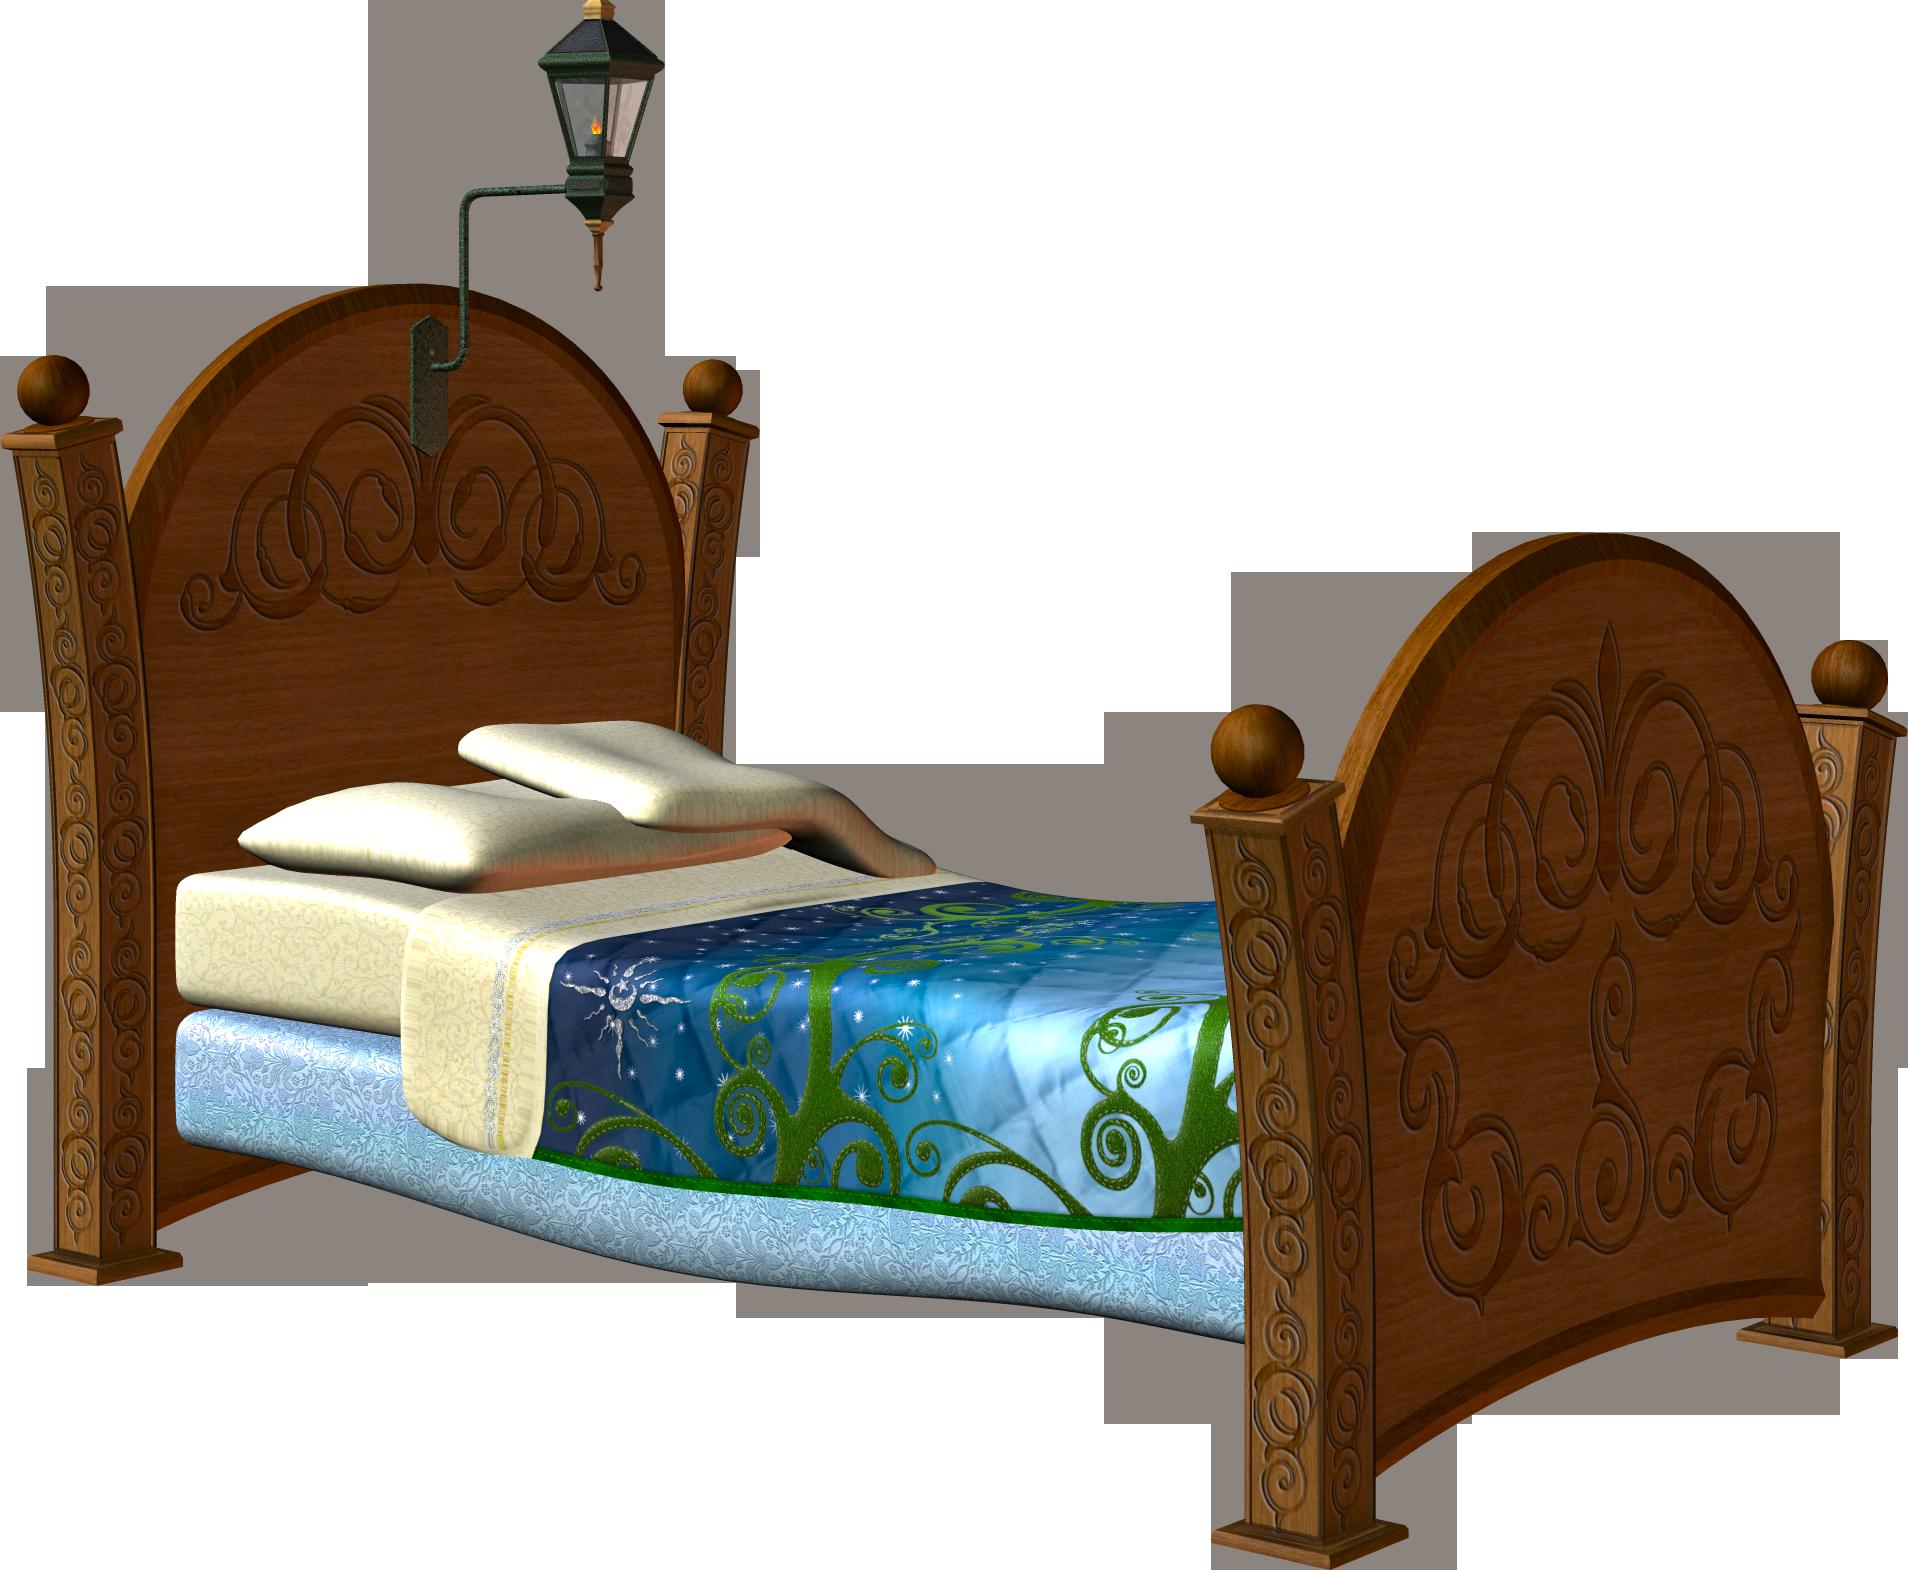 Нарисованная кровать картинка